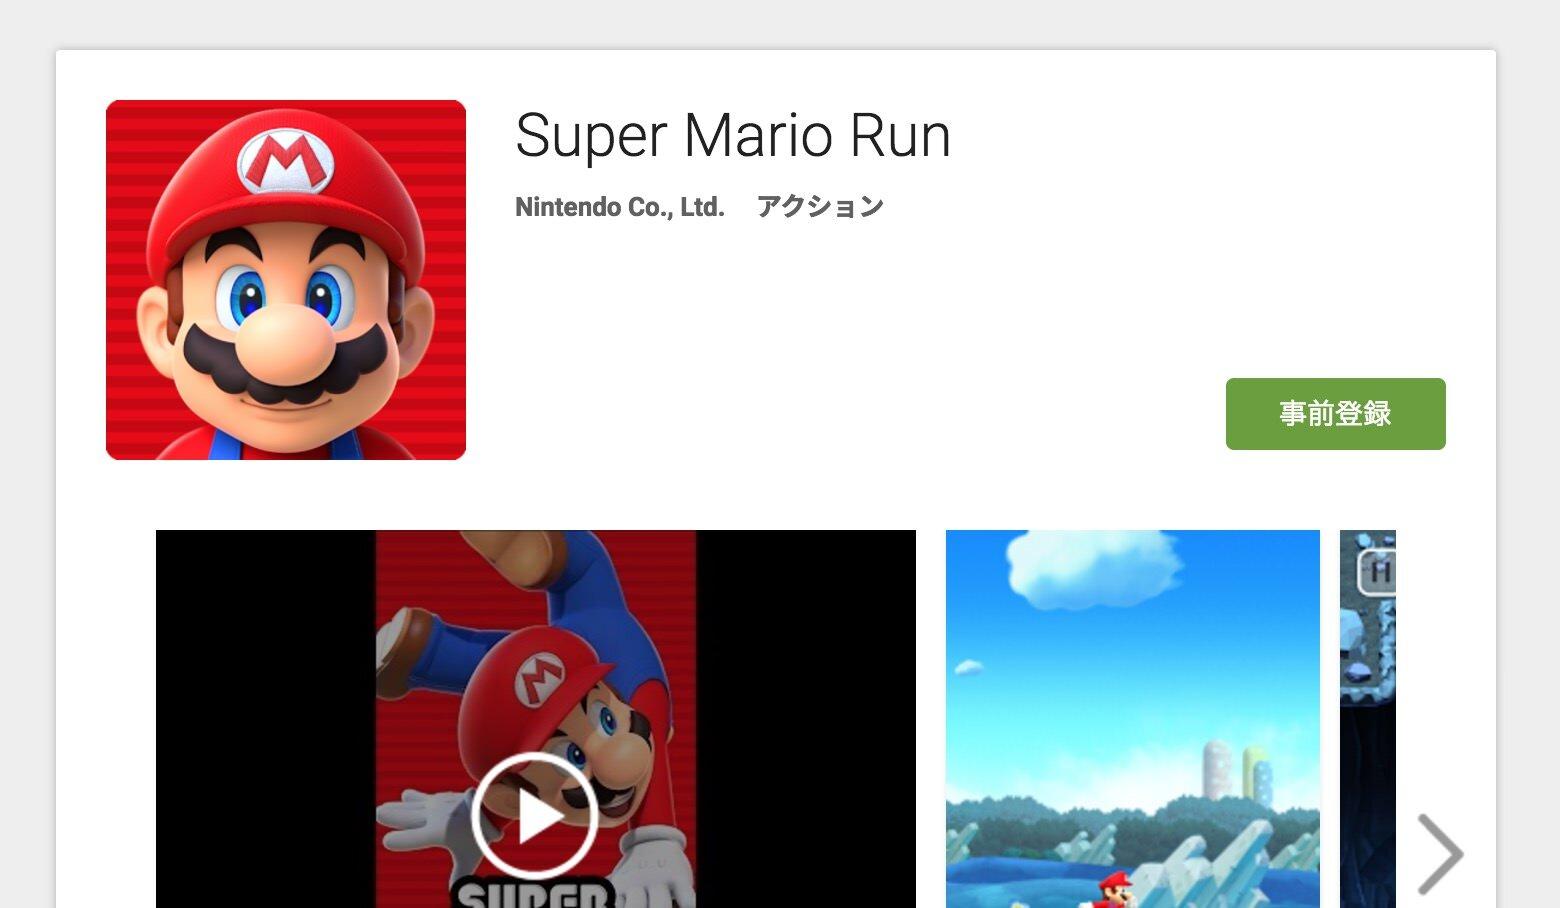 Androidバージョンの「Super Mario Run」が「事前登録」を開始